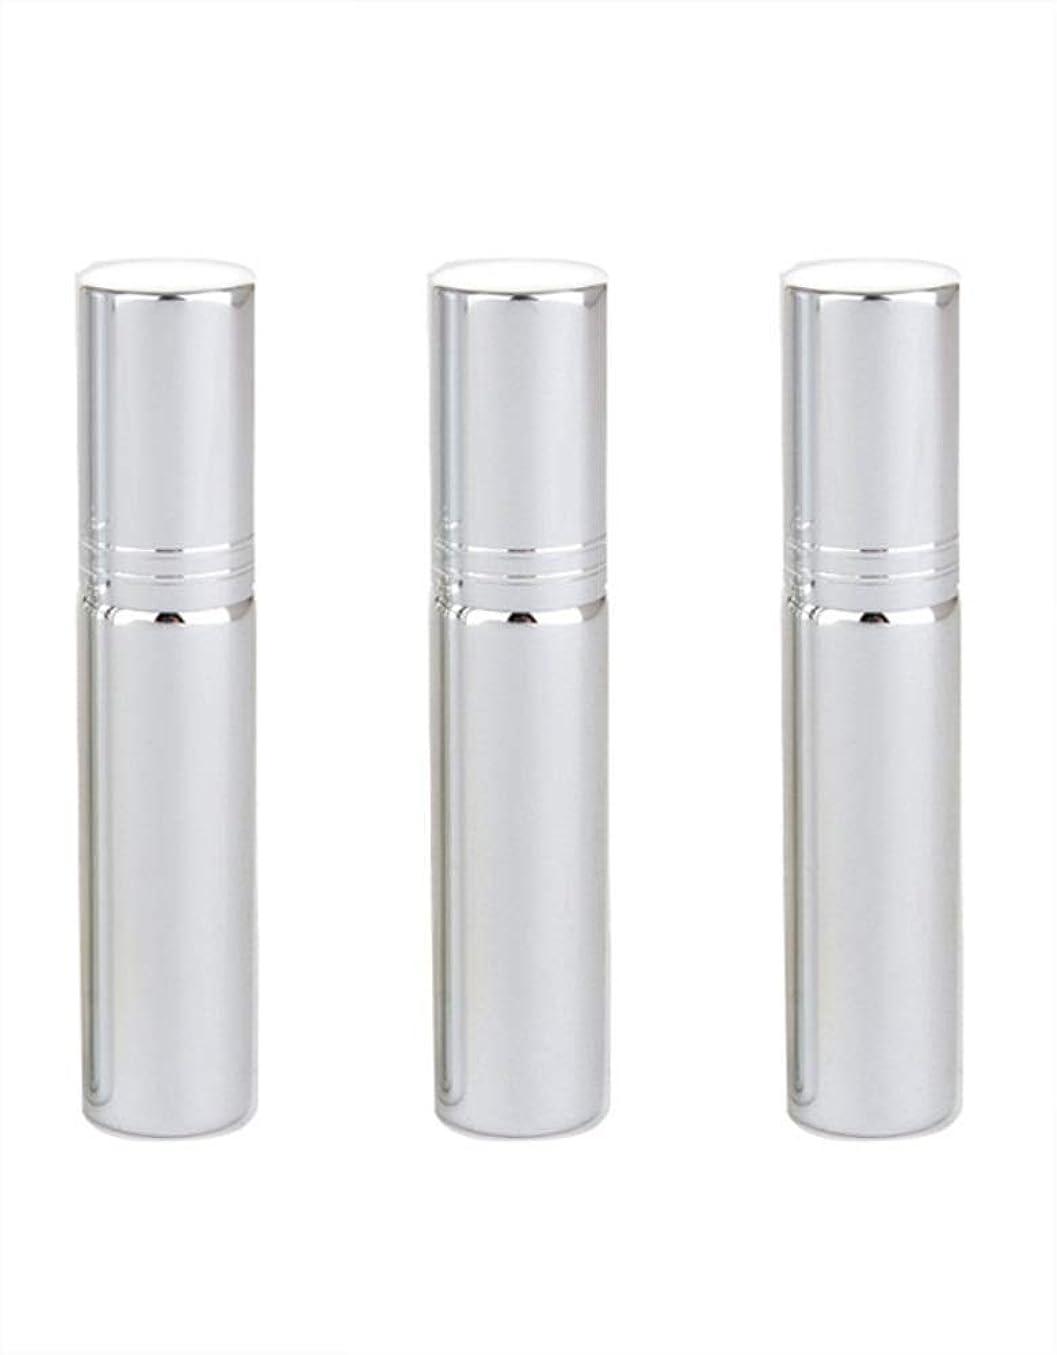 乳白葉を拾うステレオSimg アトマイザー グラスアトマイザー 香水ボトル スプレーボトル 詰め替え容器 旅行 漏れ防止 (銀メッキ)